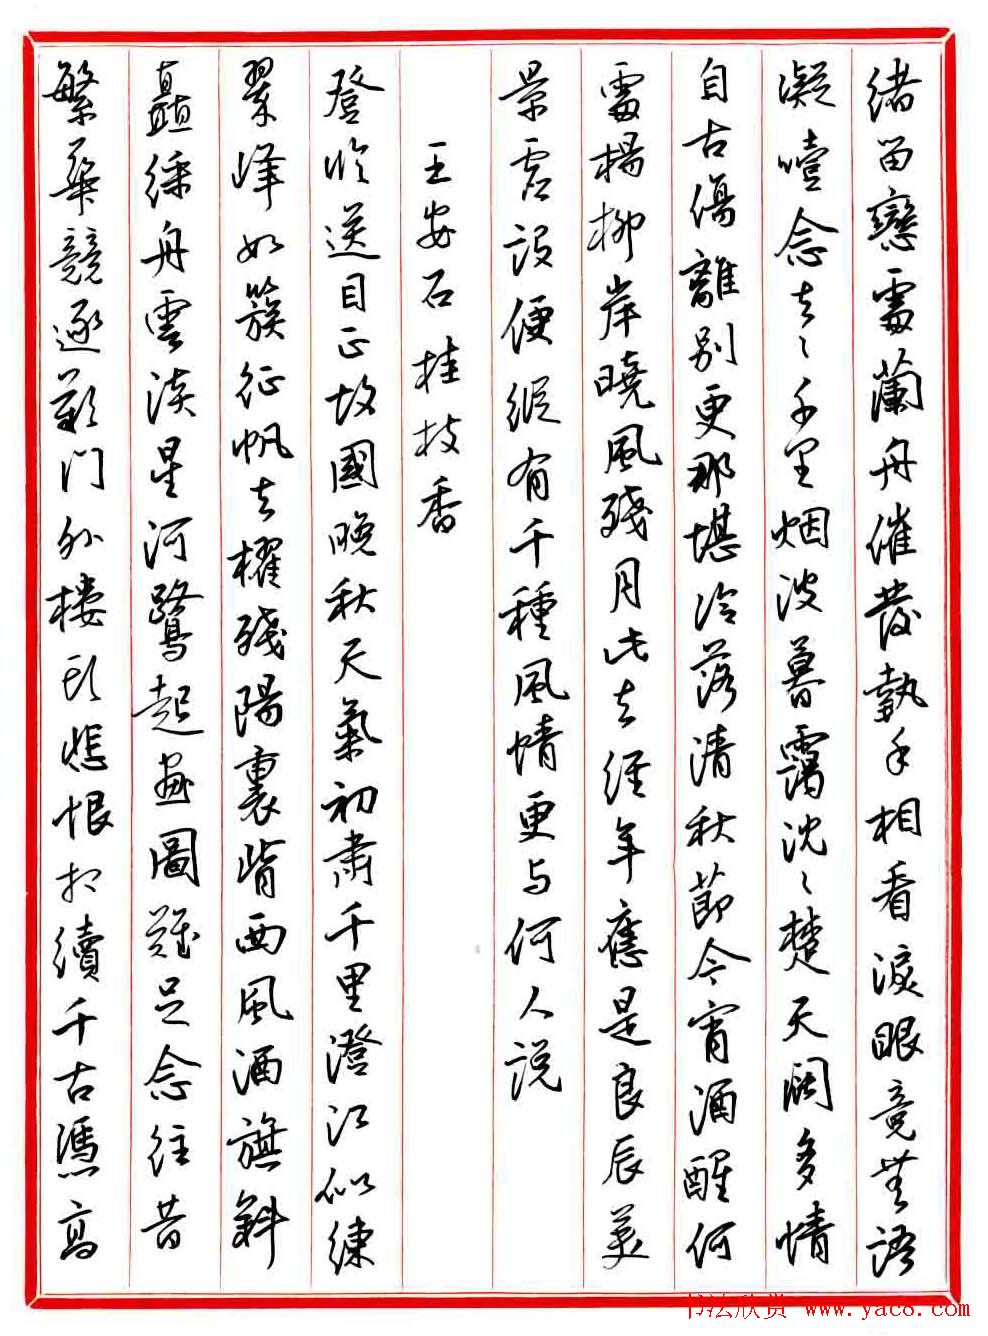 王德荣钢笔行书作品欣赏《古诗词29首》(2)图片